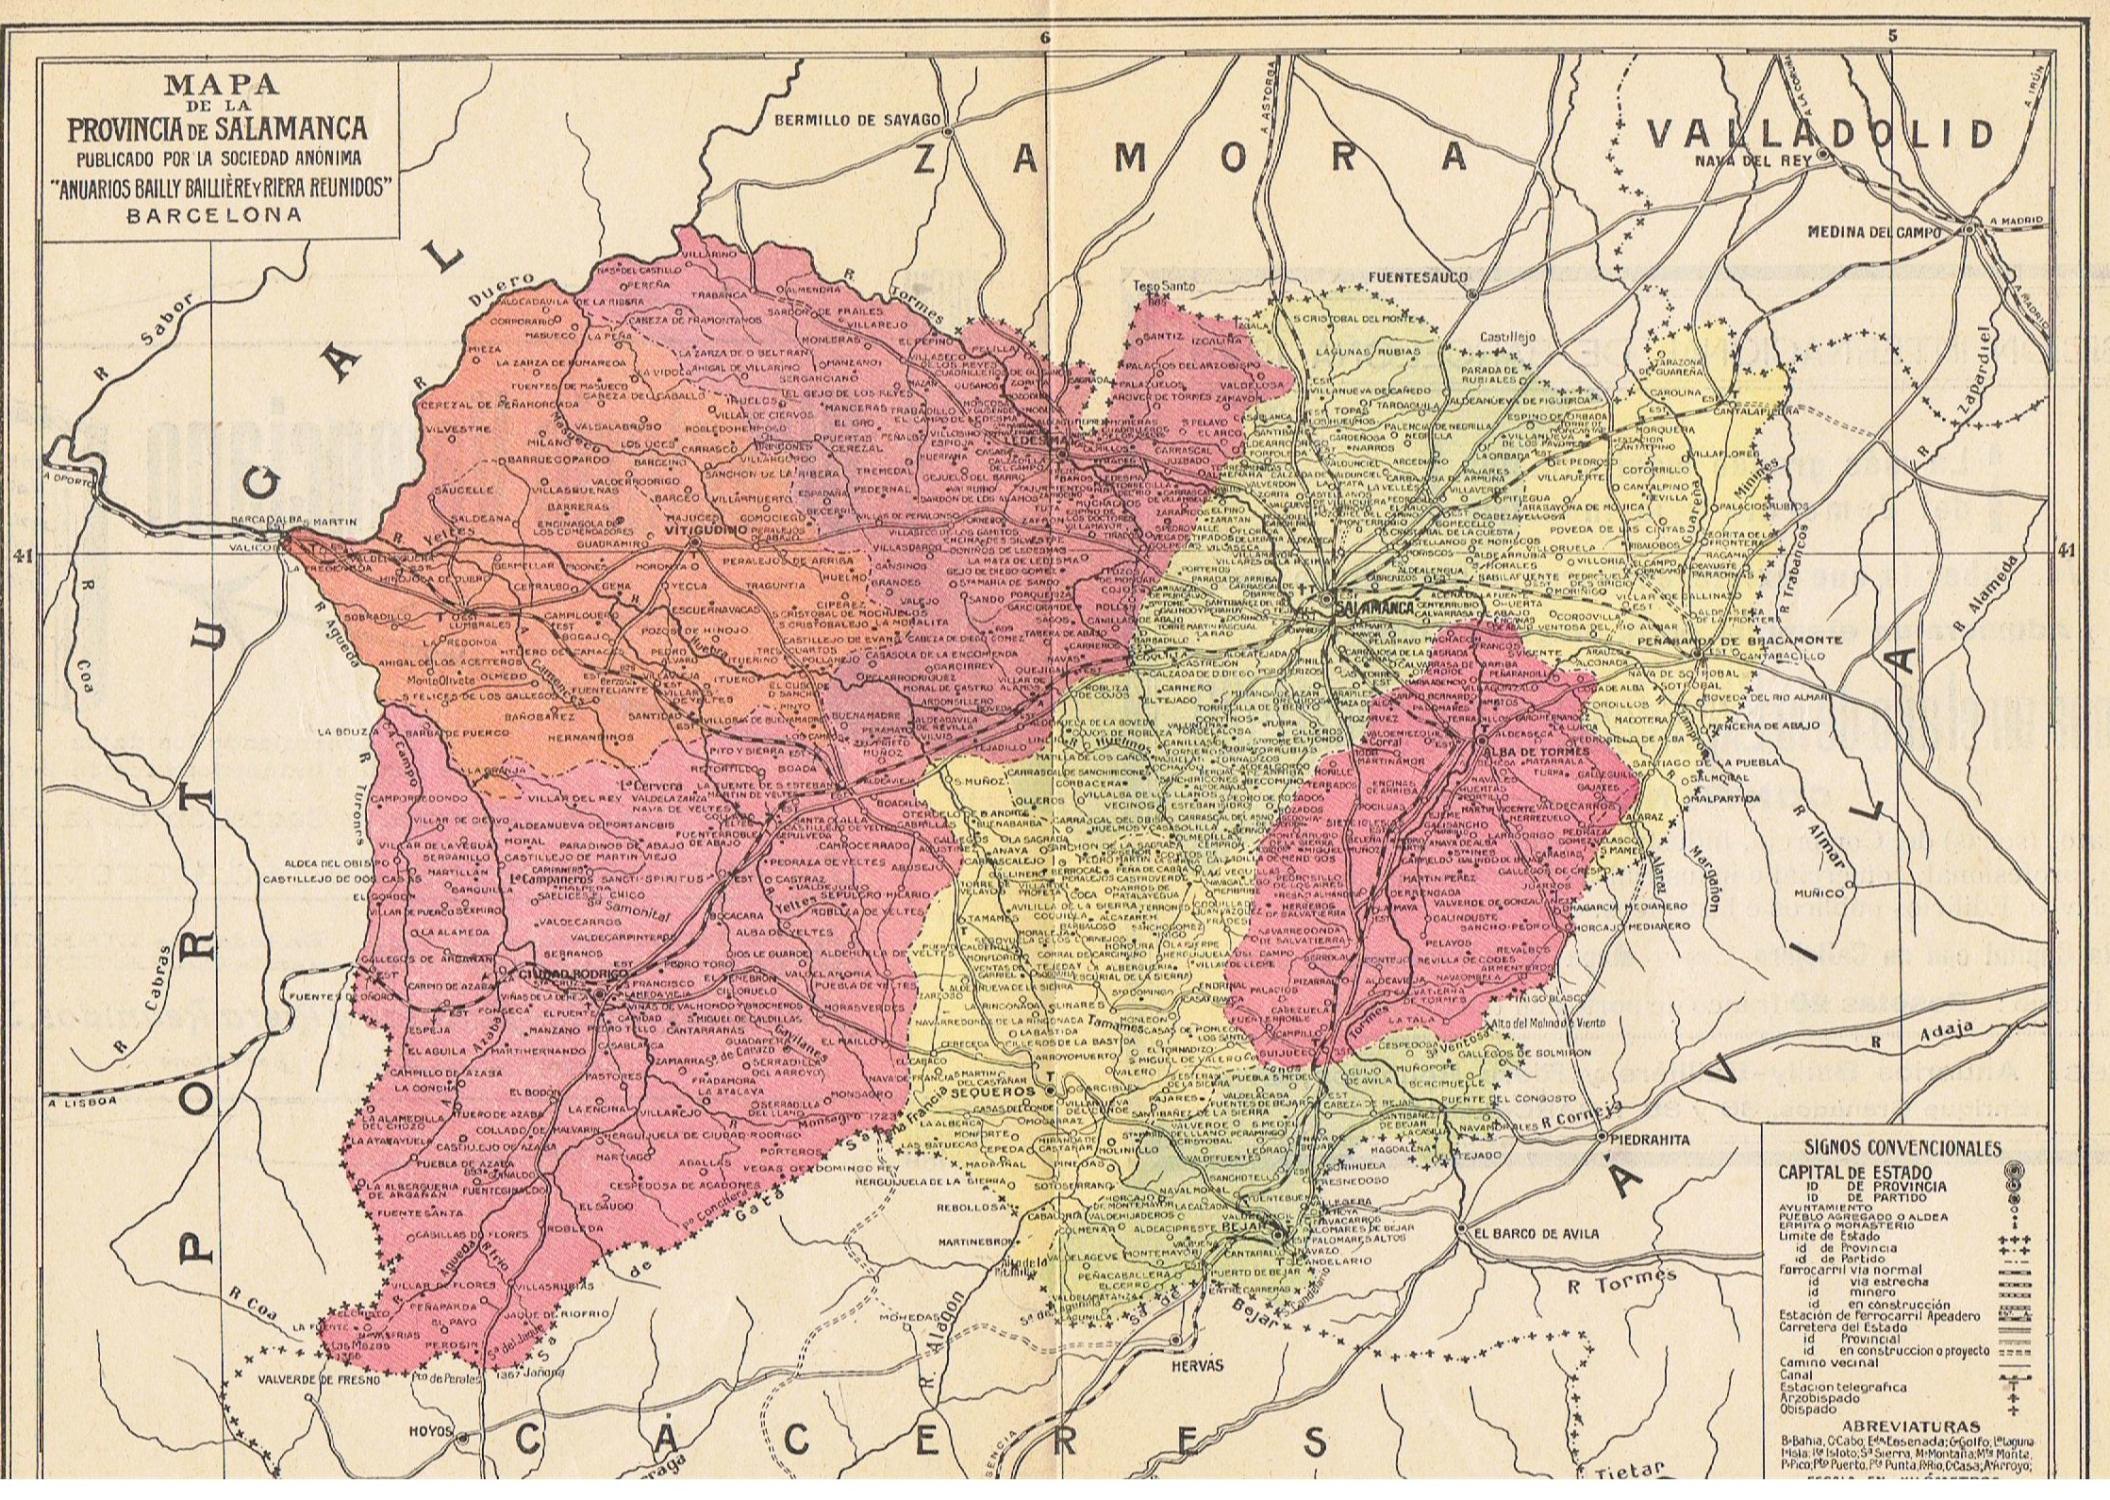 Provincia De Salamanca Mapa.Mapa De La Provincia De Salamanca